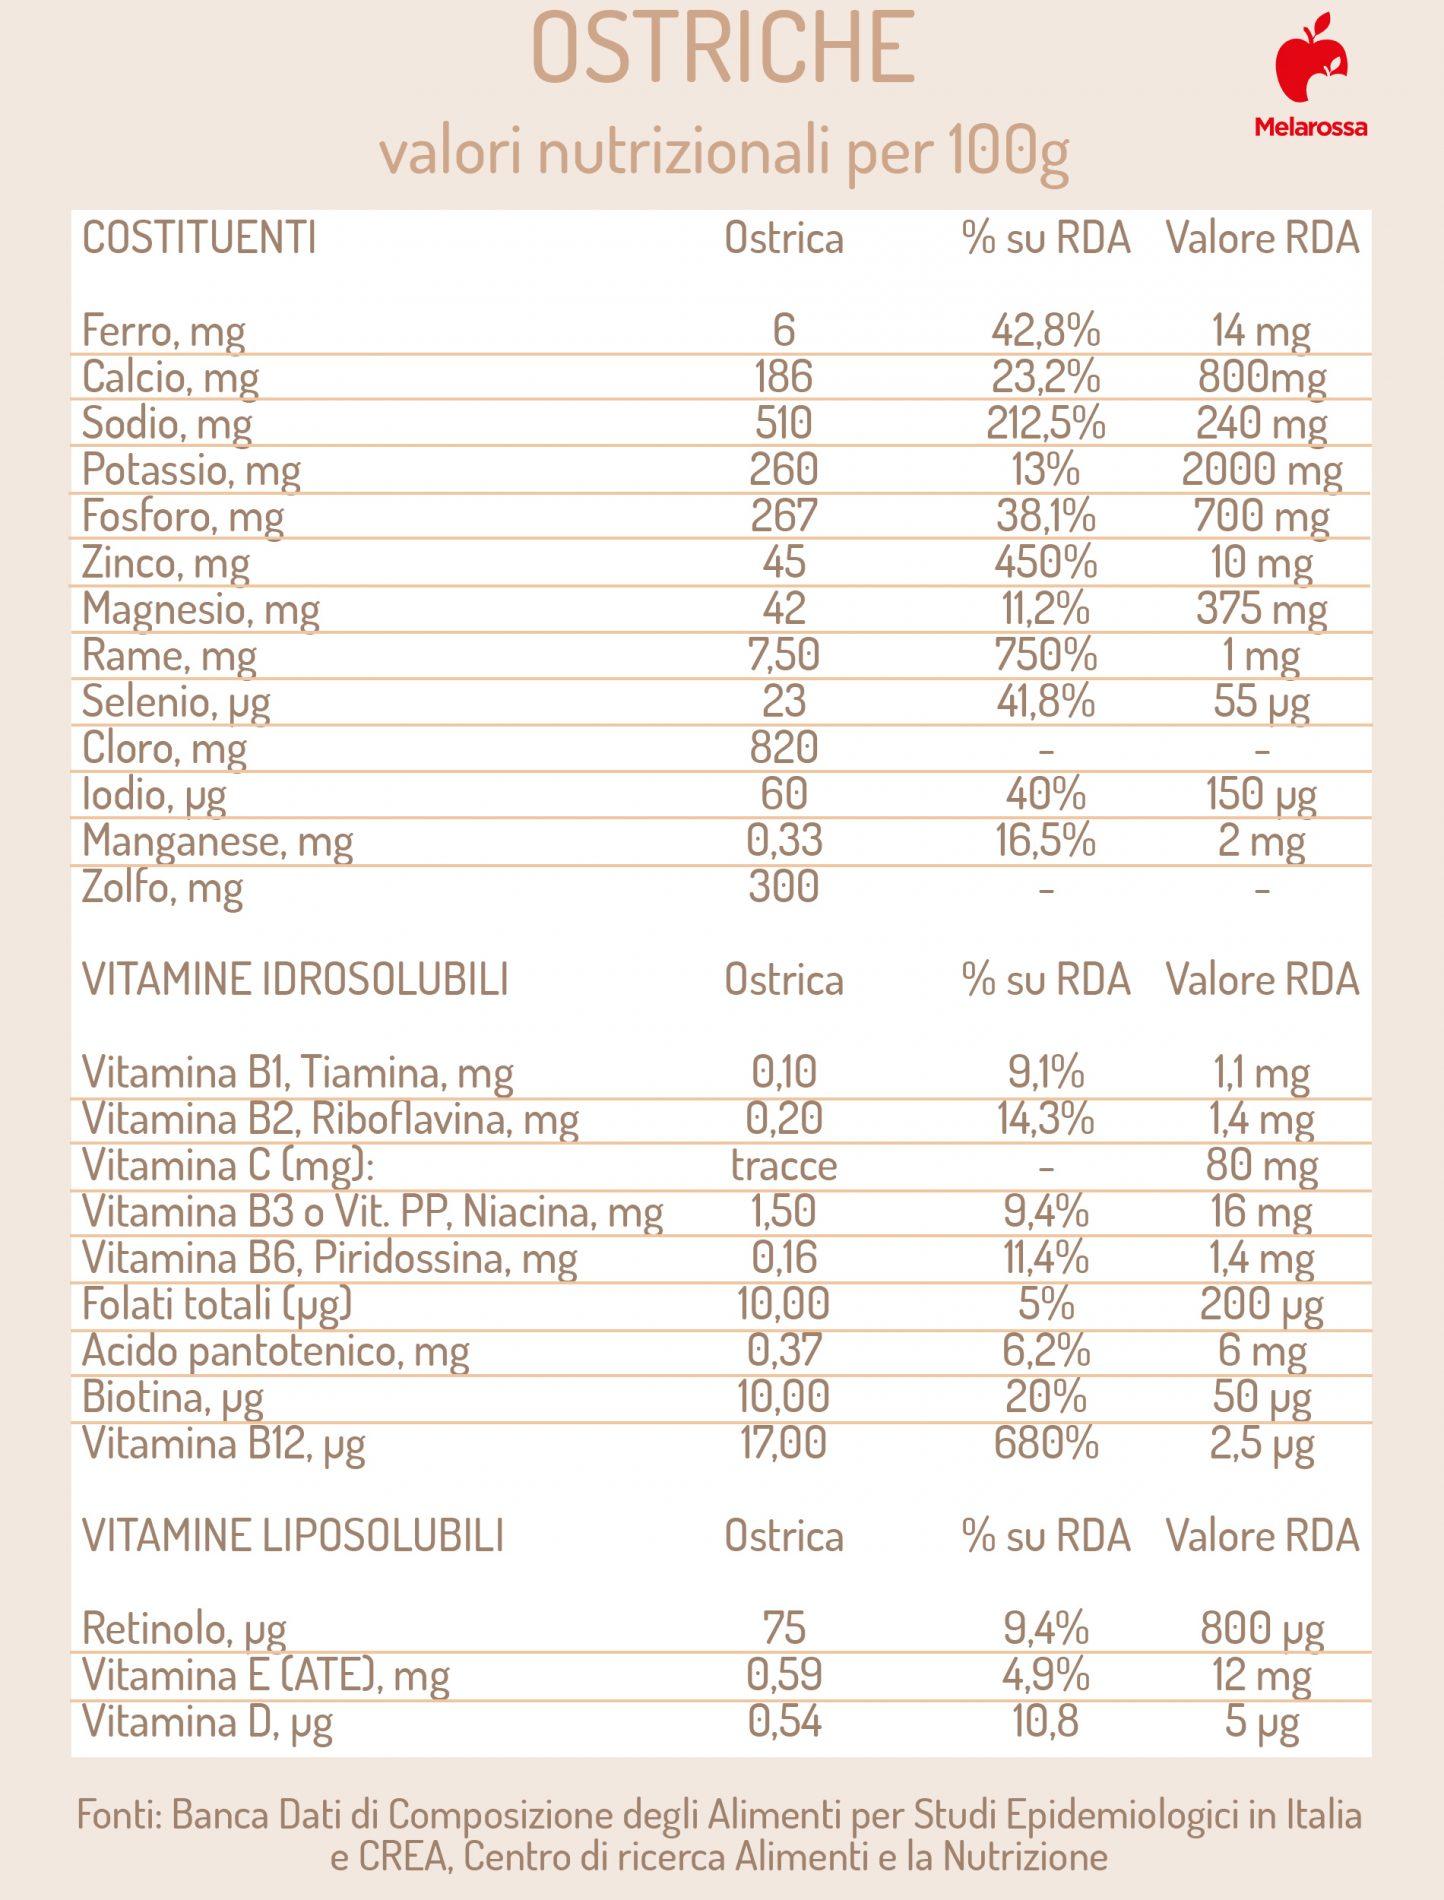 ostriche: valori nutrizionali- Tabelle dei valori, vitamine